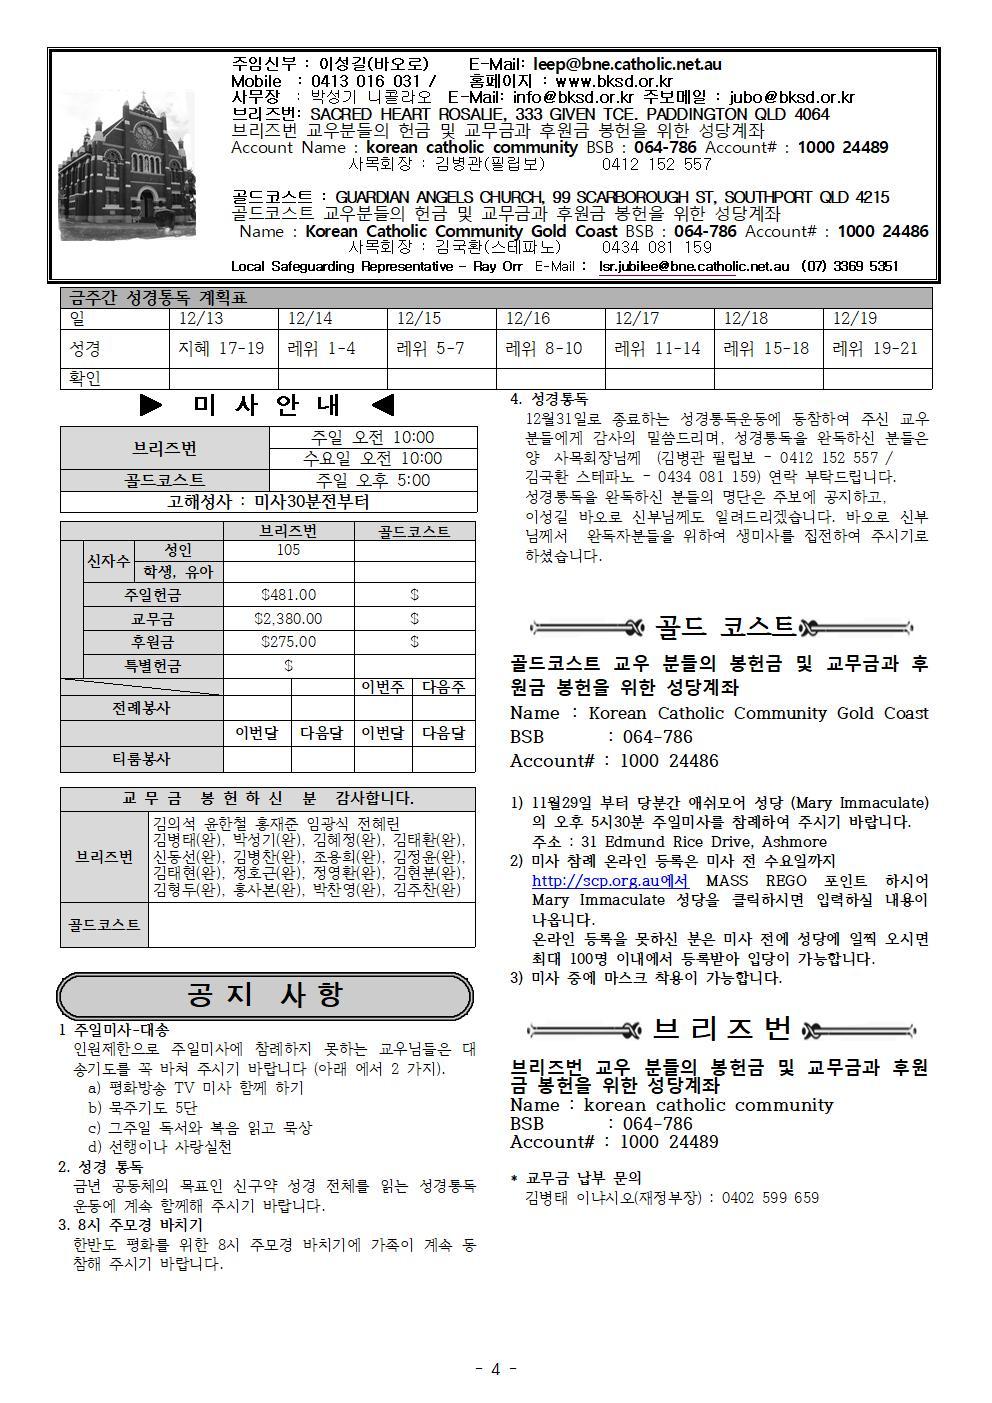 201213 대림3주(1)004.jpg